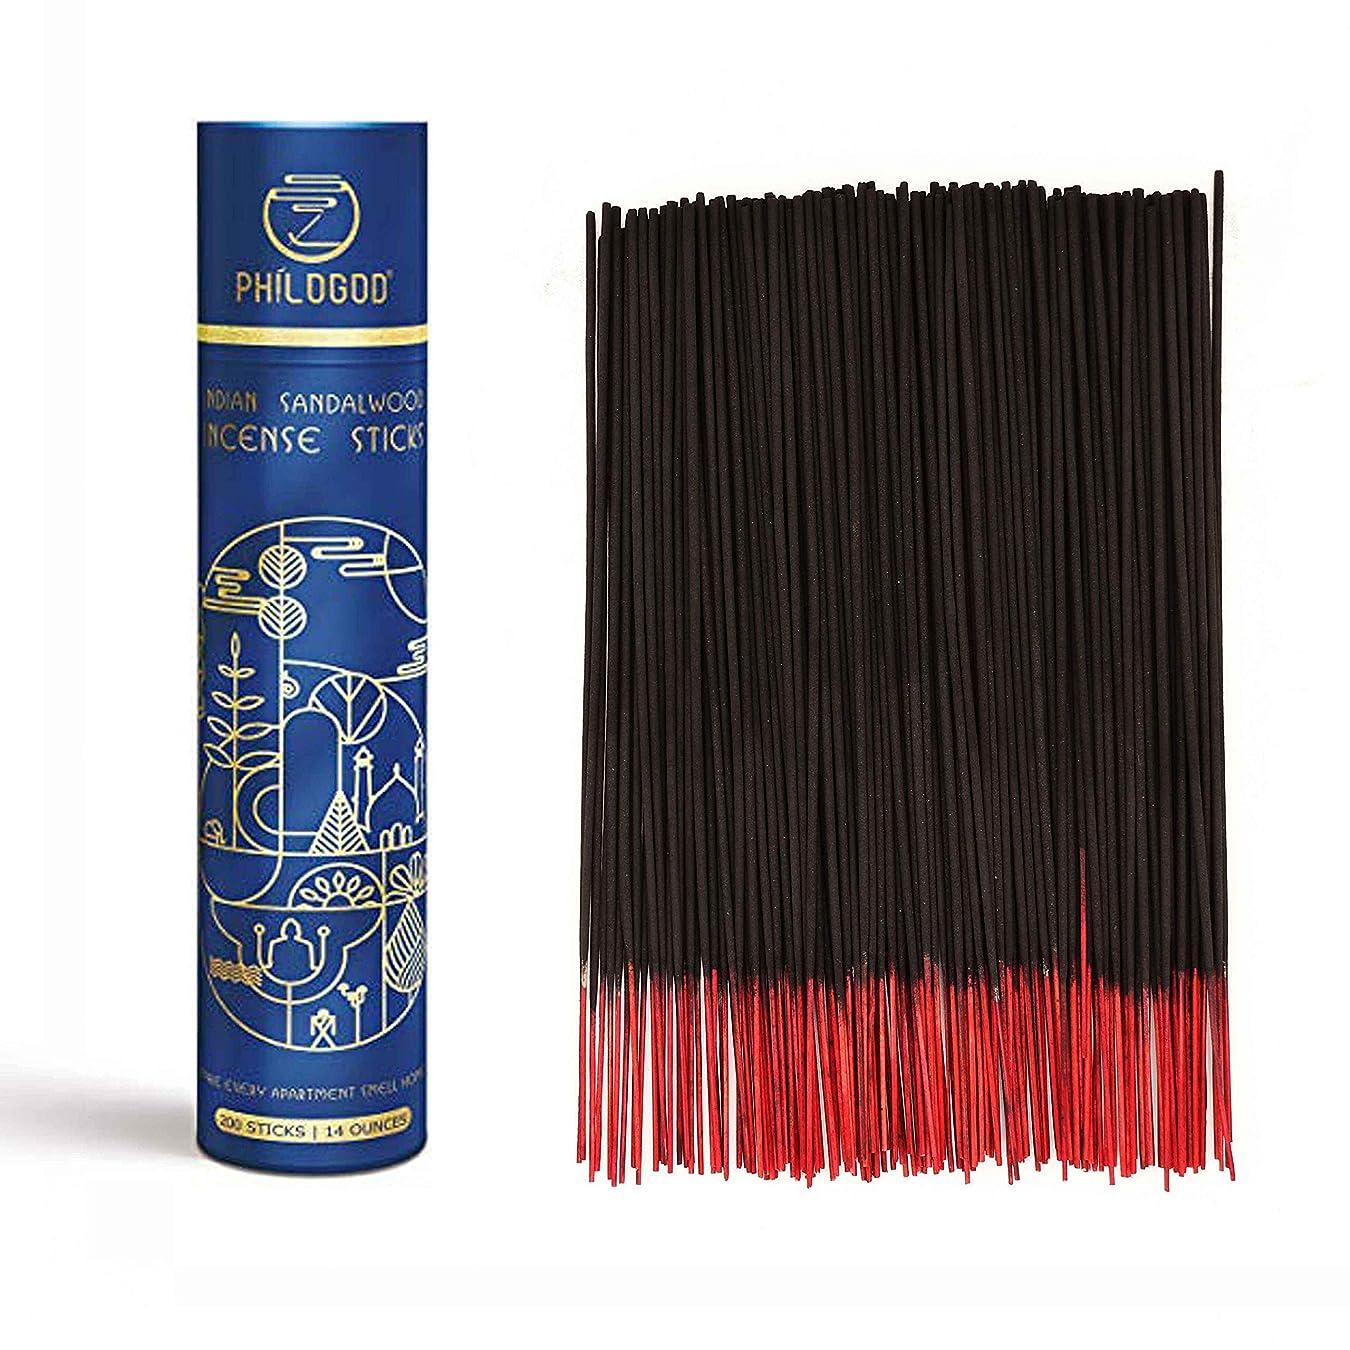 マントチップ含む上質なインドお香スティック 手作り 100%ナチュラル 長続く線香 ヨガ瞑想 200本入れ (オリエンタル系)